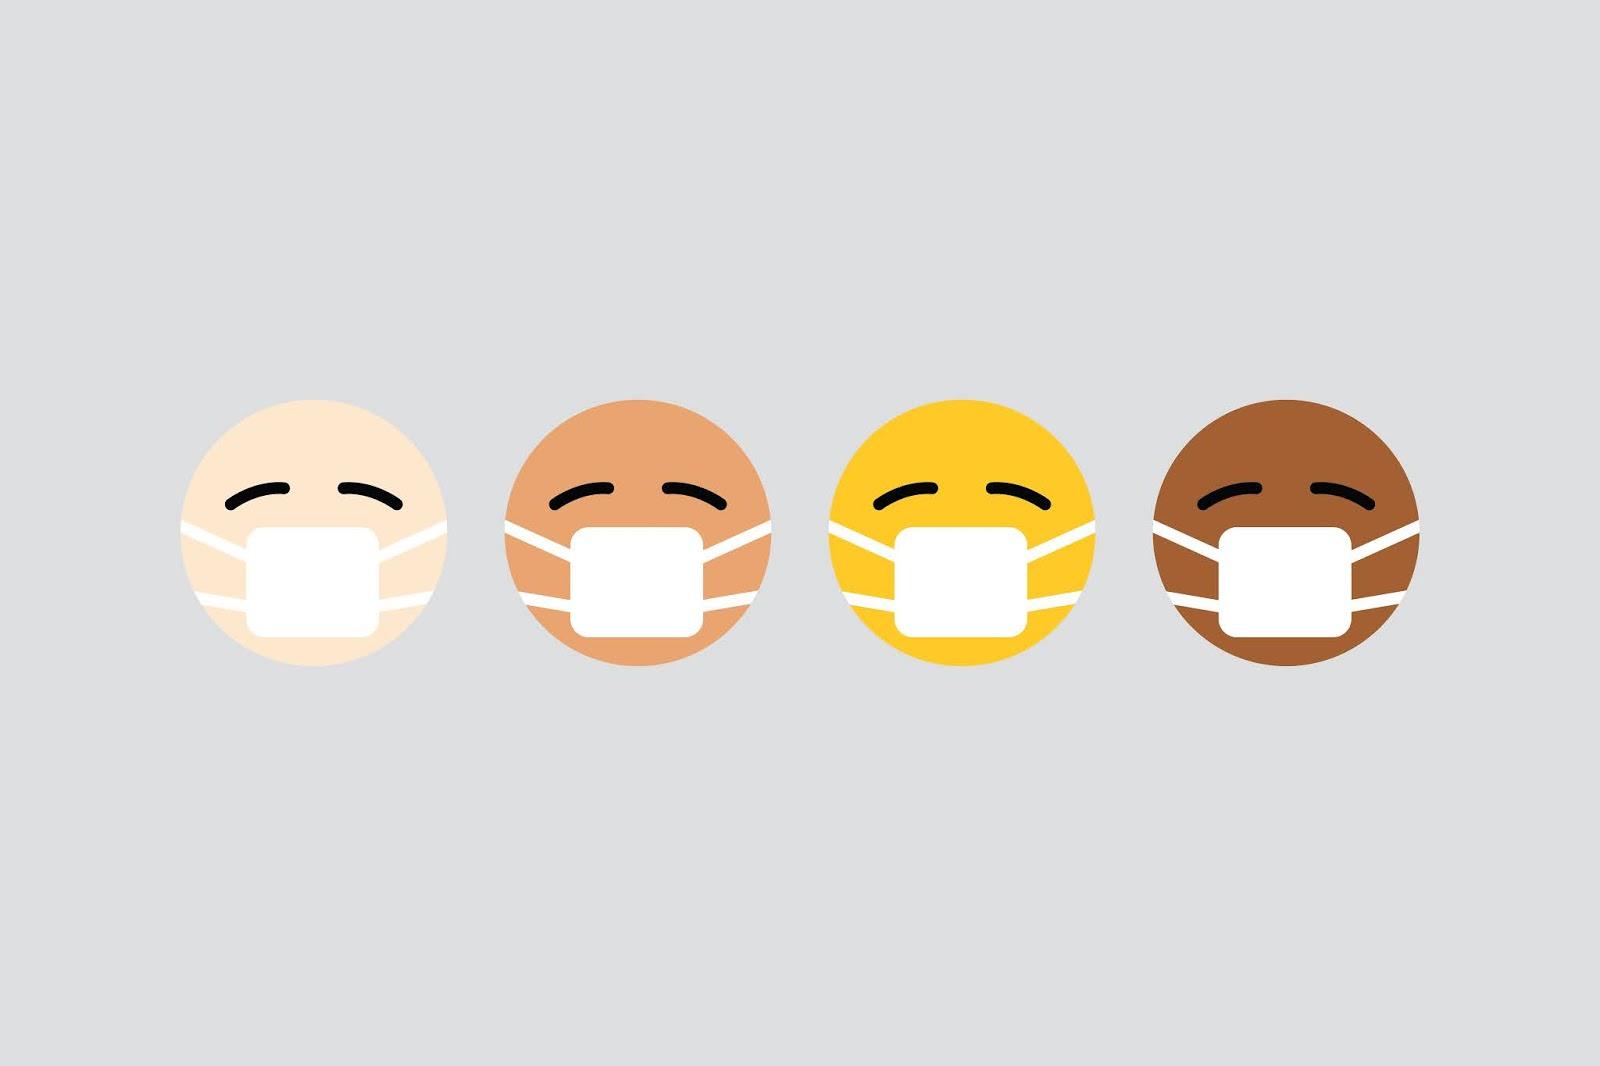 Comment surmonter la crise du coronavirus quand on est entrepreneur ?